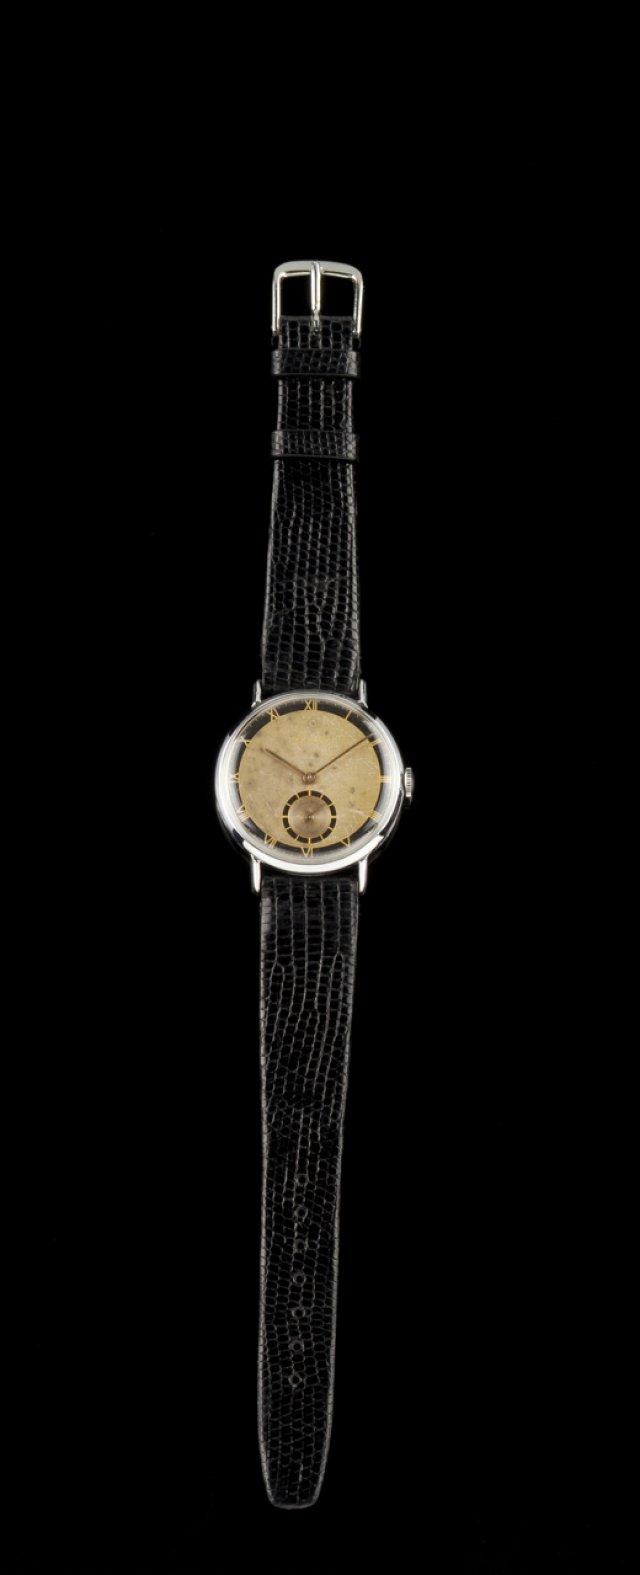 Relógio de pulso ZENITH